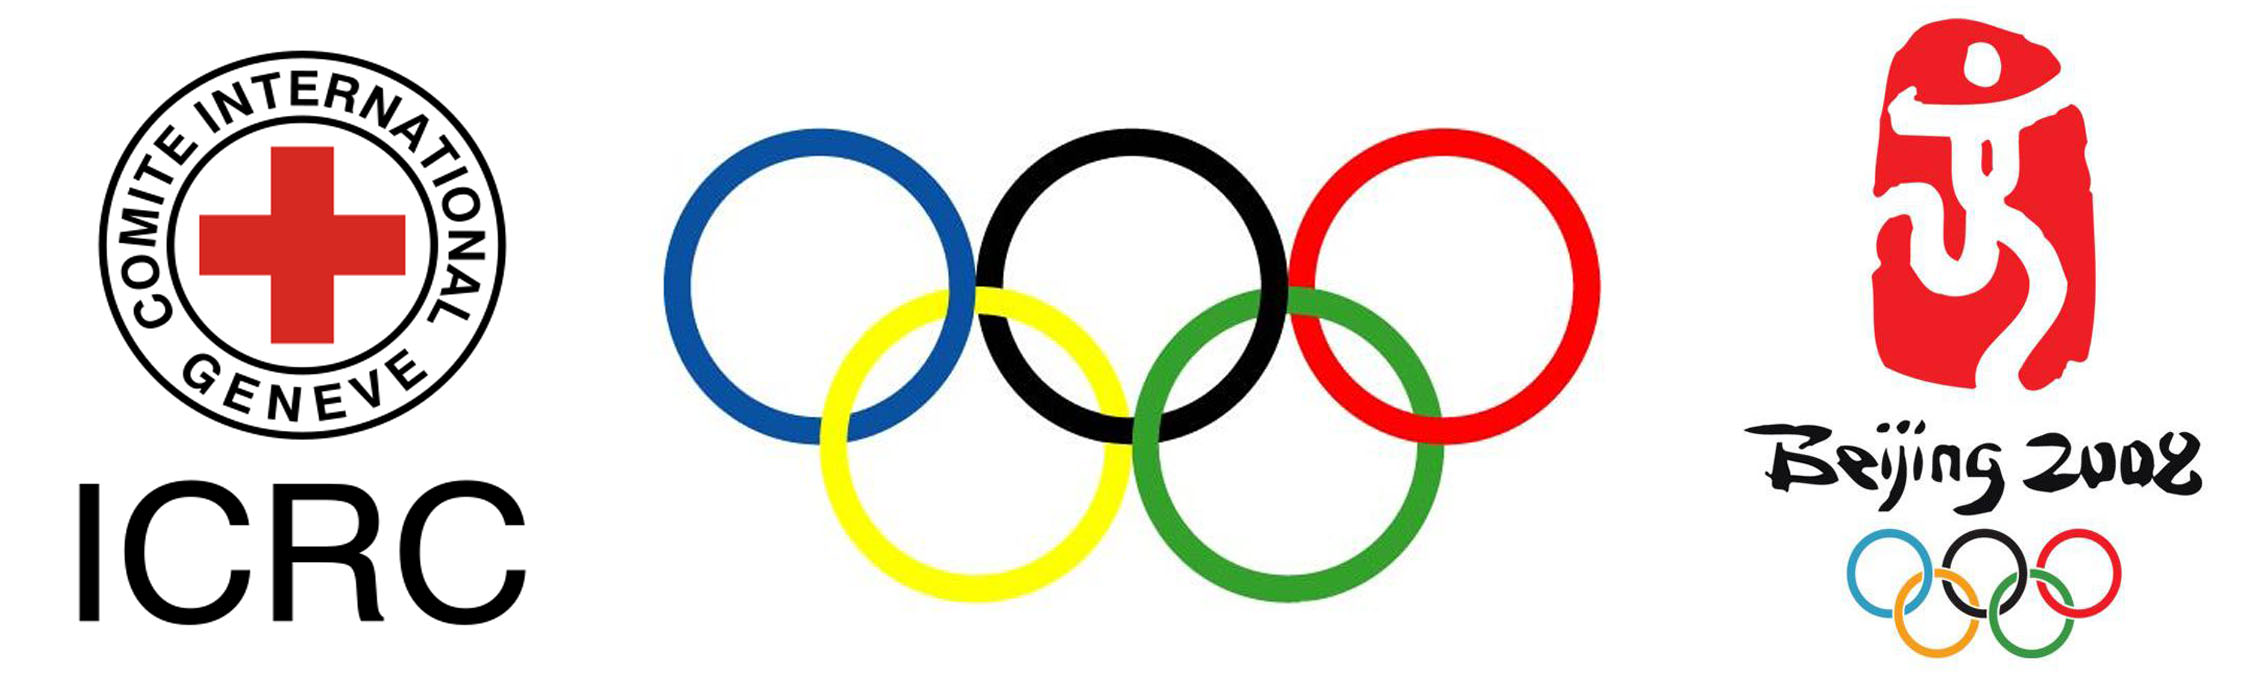 主要非盈利组织标志 北京奥运会 会徽 5  8d8bc3eb13533fad87ced82a2d3fd1f40345b57.jp.jpg